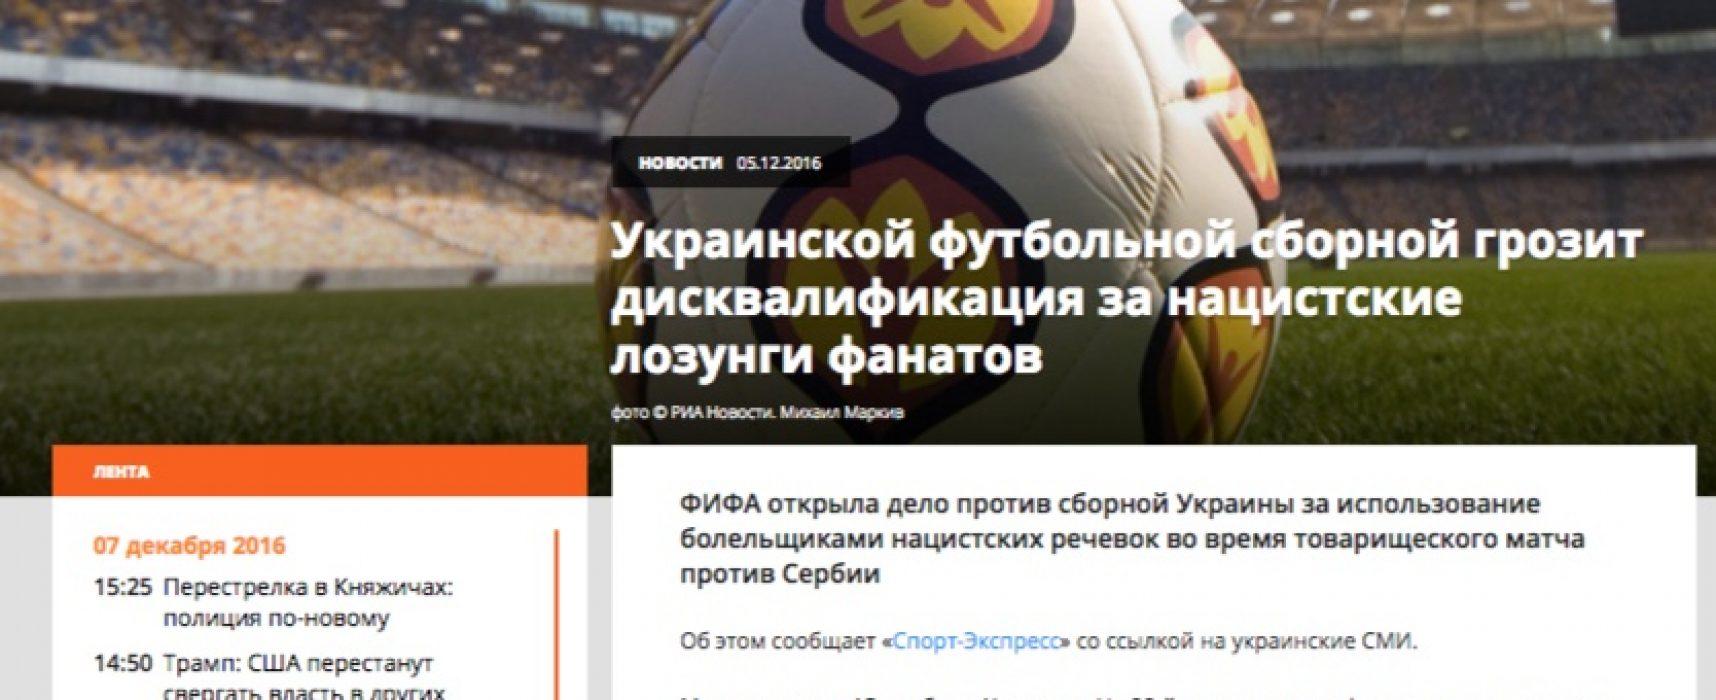 Falso: la selección de Ucrania será descalificada por culpa de los fans